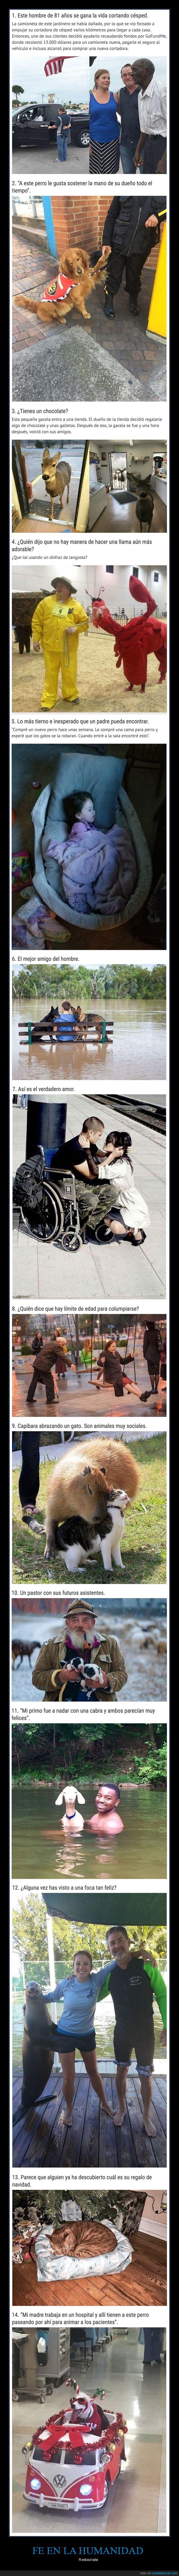 fe en la humanidad,fotos